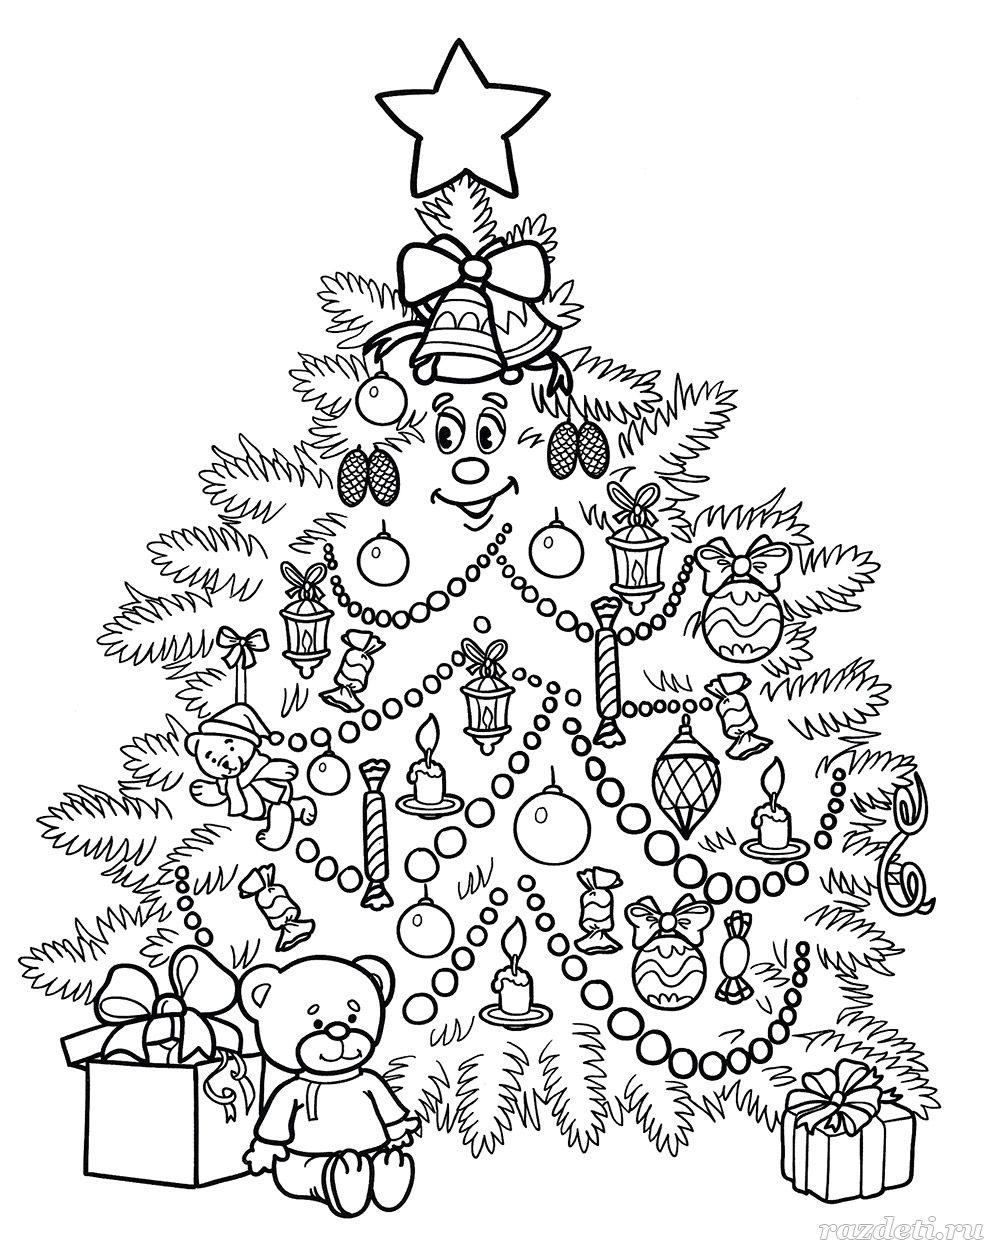 Раскраска для детей 7-8 лет. Новогодняя ёлка